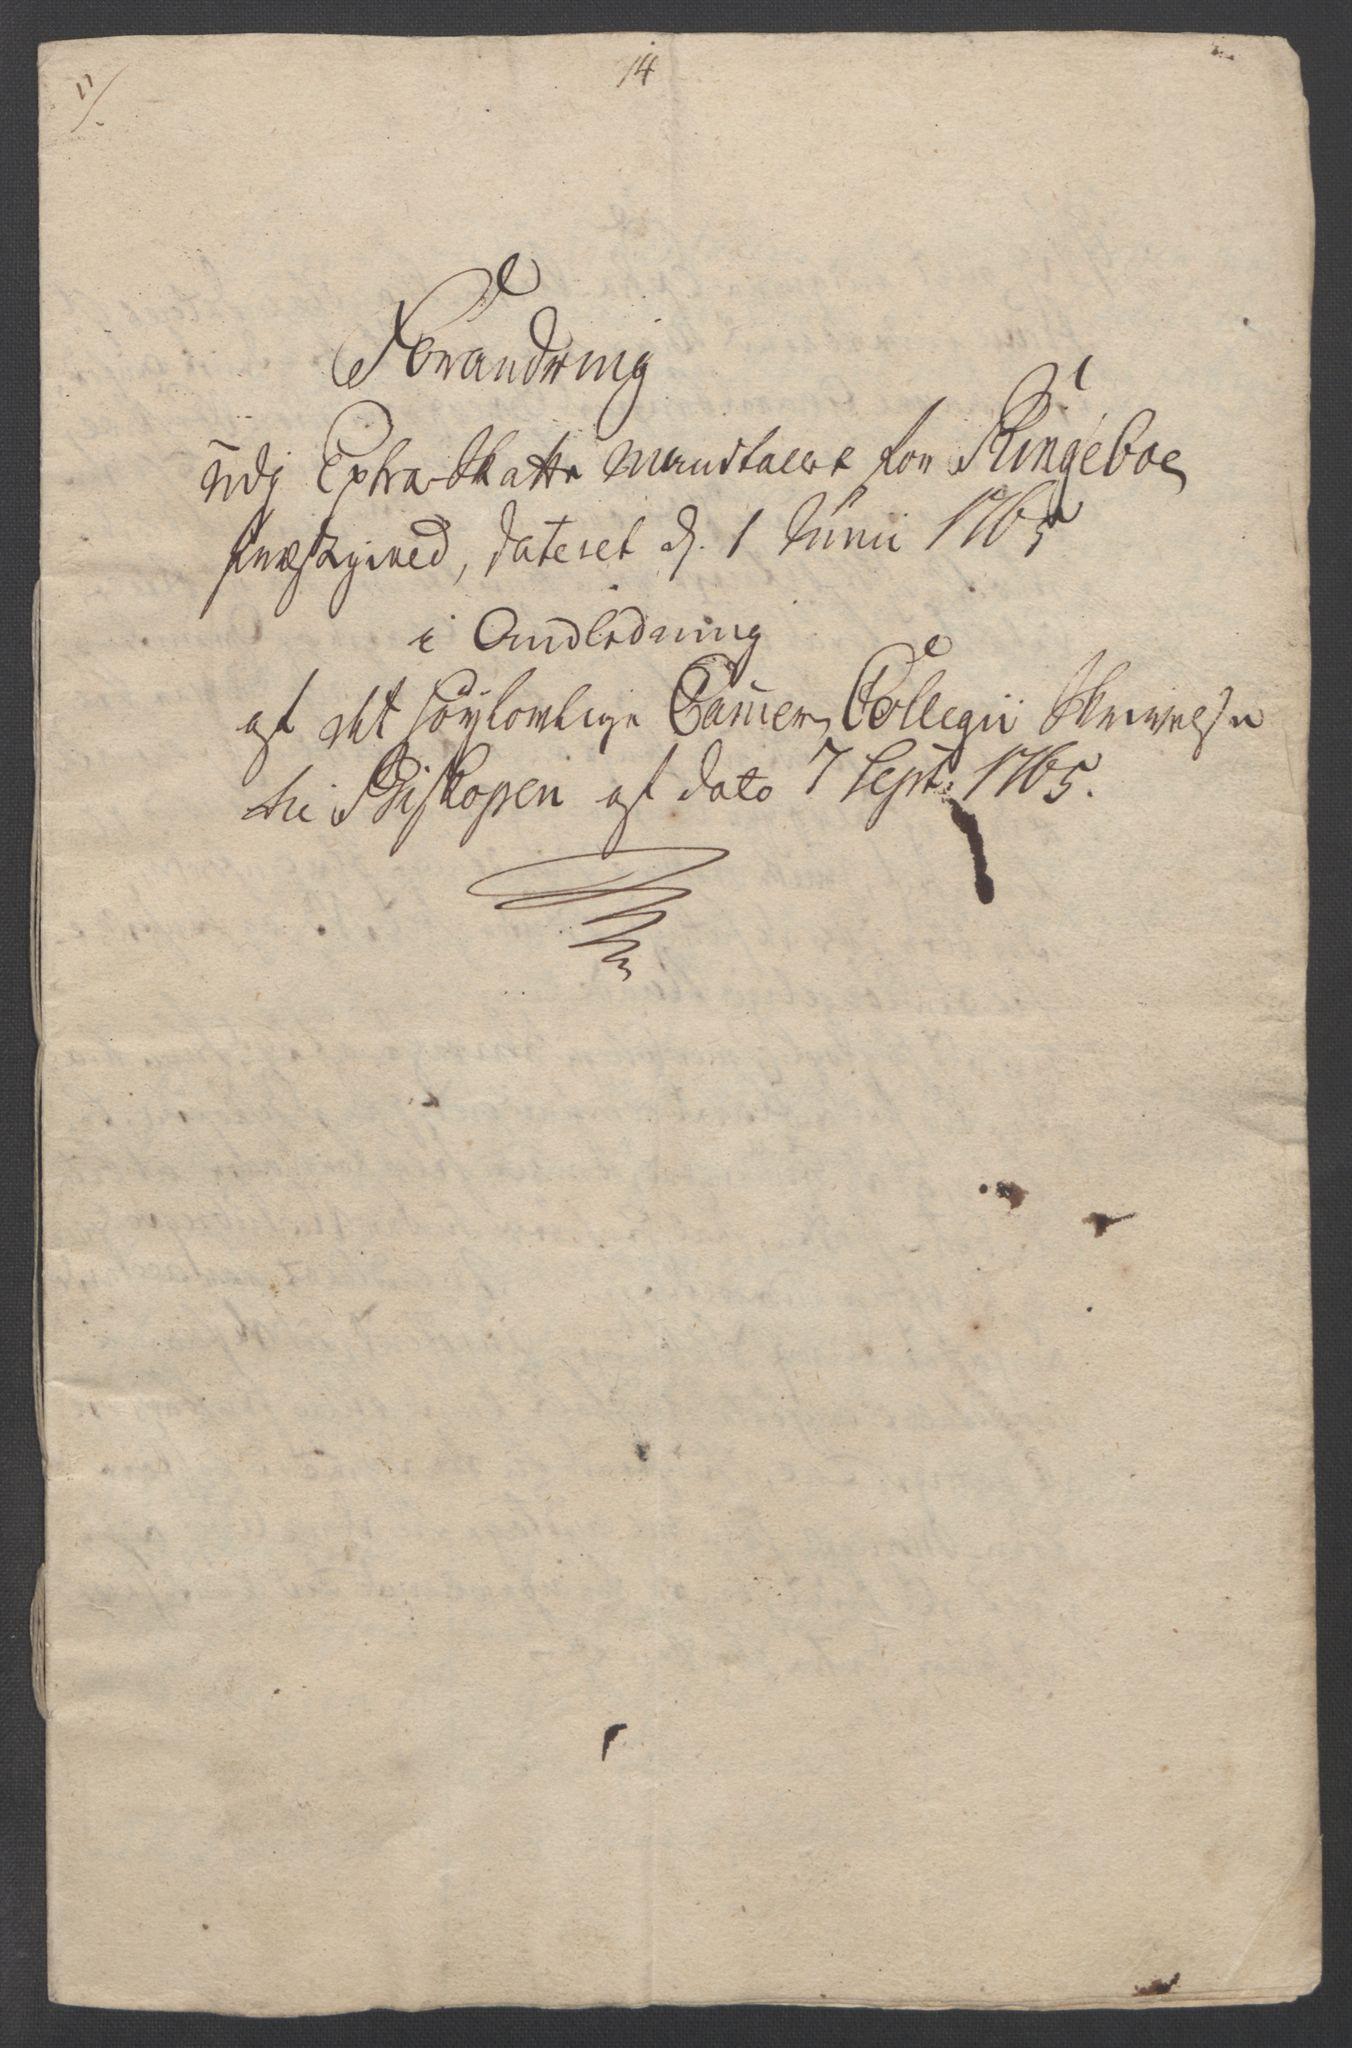 RA, Rentekammeret inntil 1814, Reviderte regnskaper, Fogderegnskap, R17/L1266: Ekstraskatten Gudbrandsdal, 1762-1766, s. 503